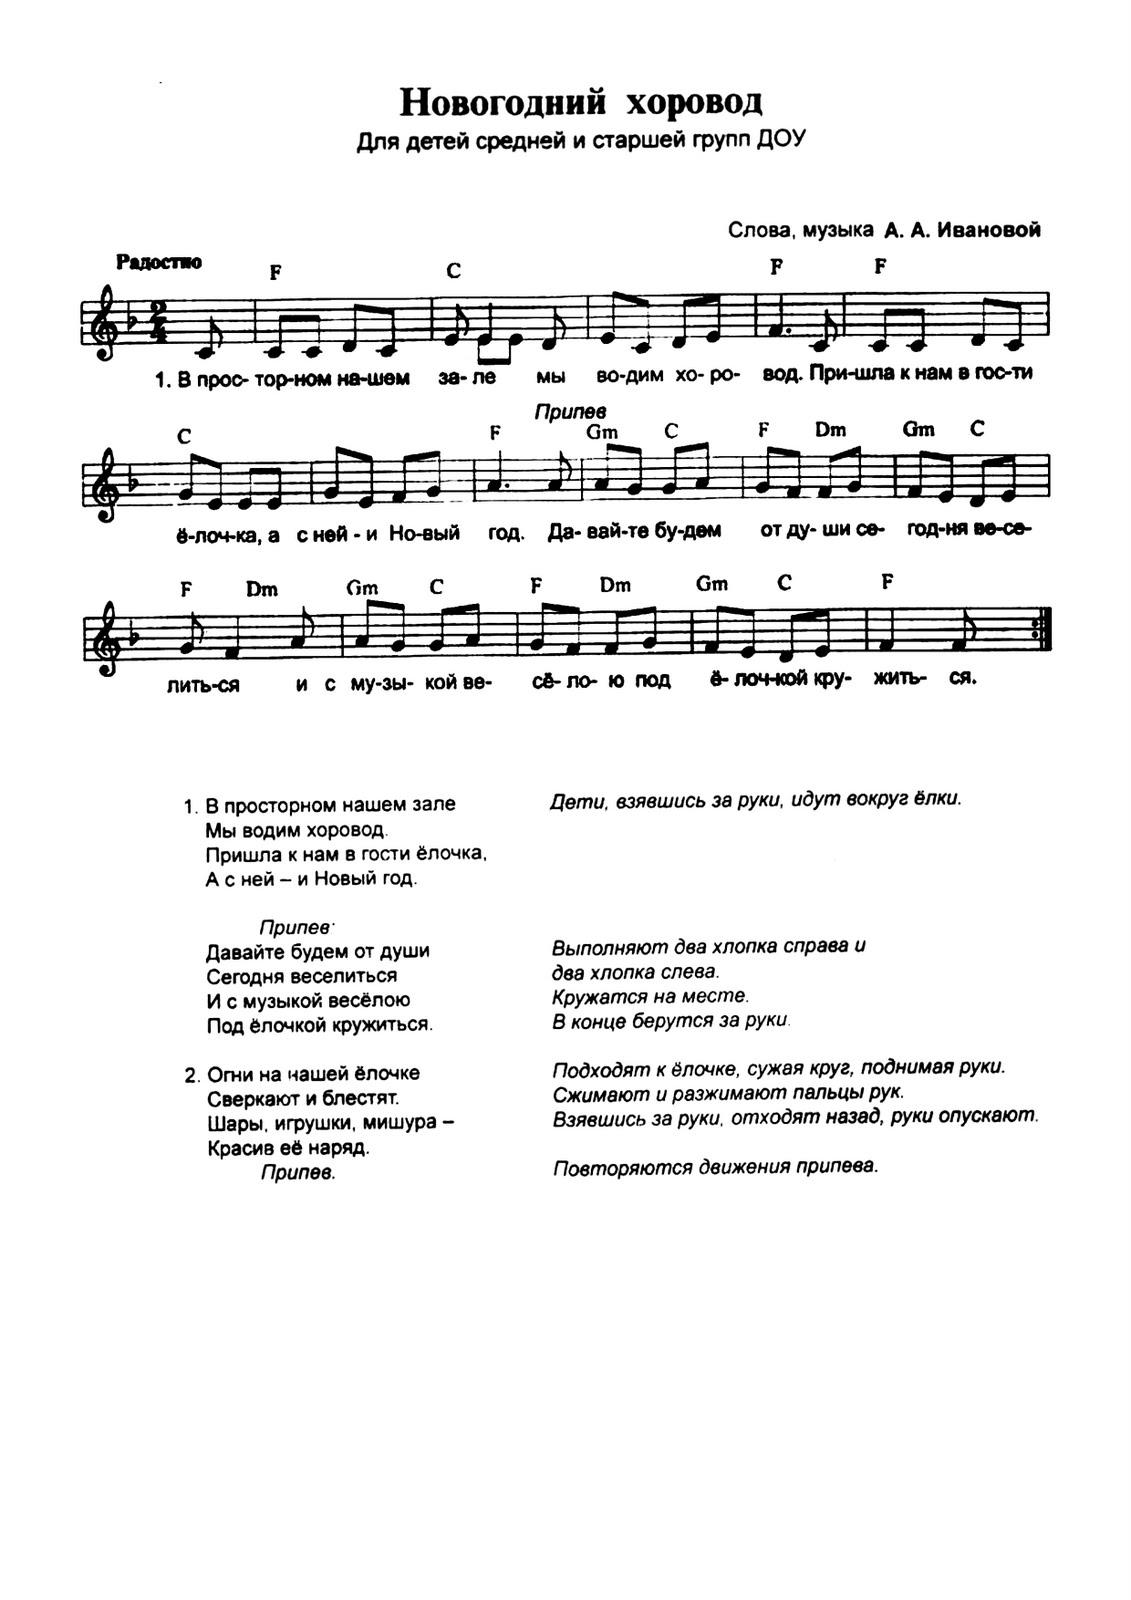 НОВОГОДНИЕ ХОРОВОДНЫЕ ПЕСНИ ДЛЯ ДЕТЕЙ СКАЧАТЬ БЕСПЛАТНО